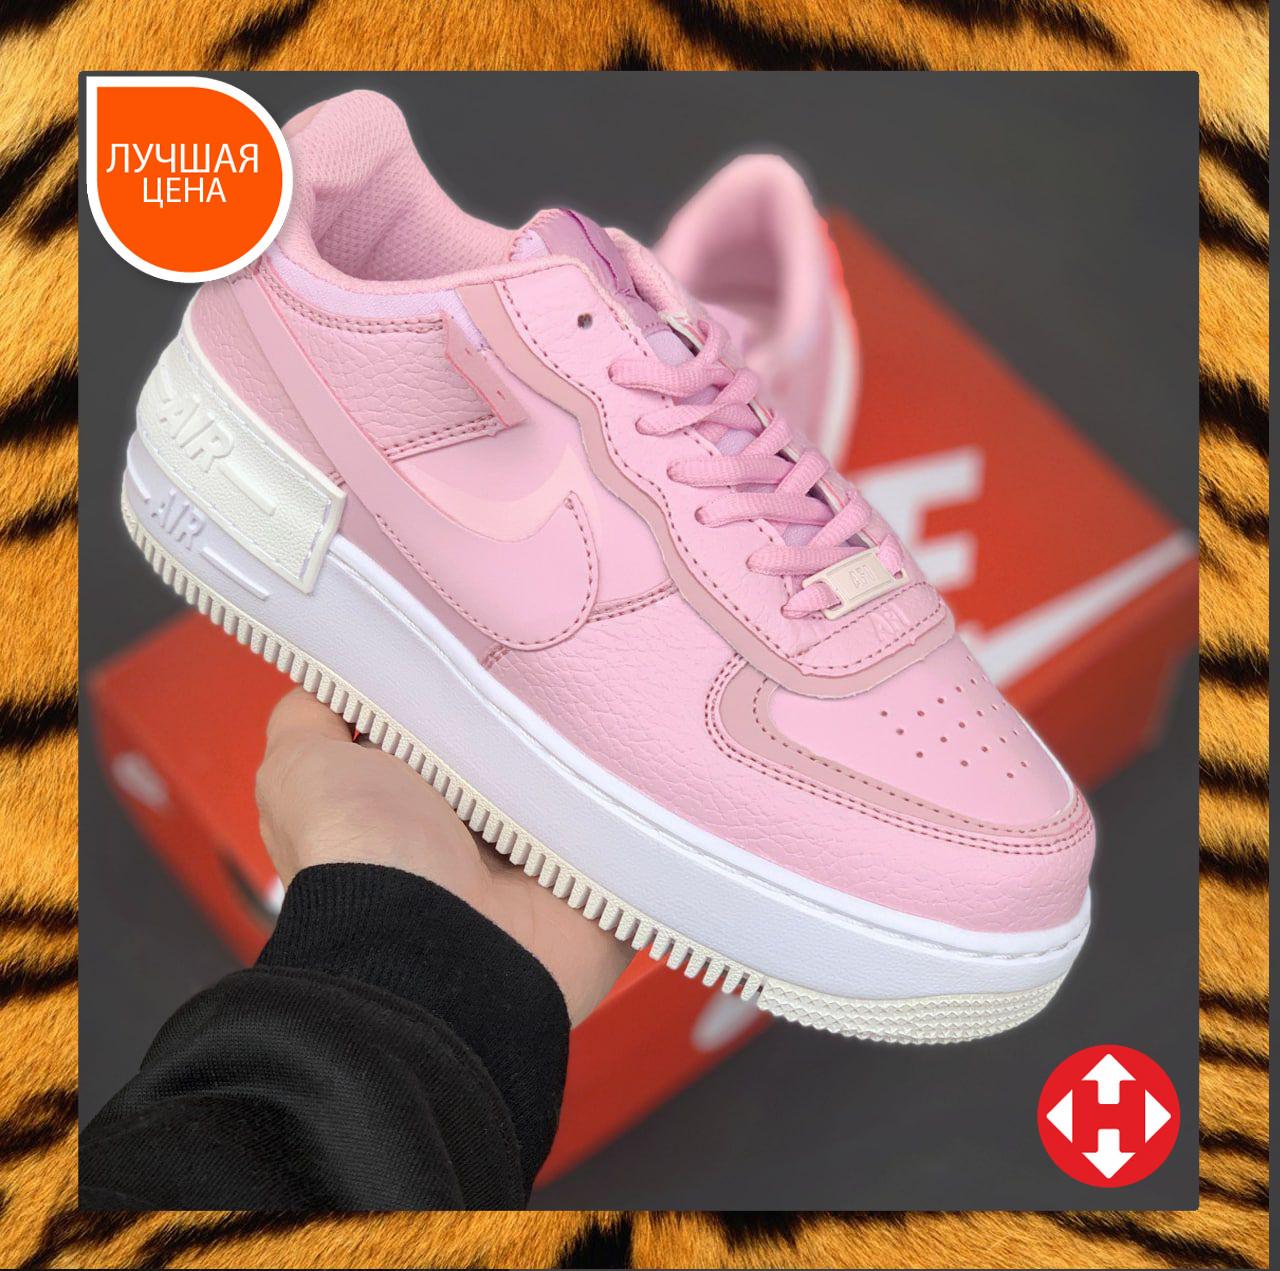 🔥 Кросівки жіночі Nike Air Force Shadow найк еір форс шедоу рожеві повсякденні спортивні шкіряні